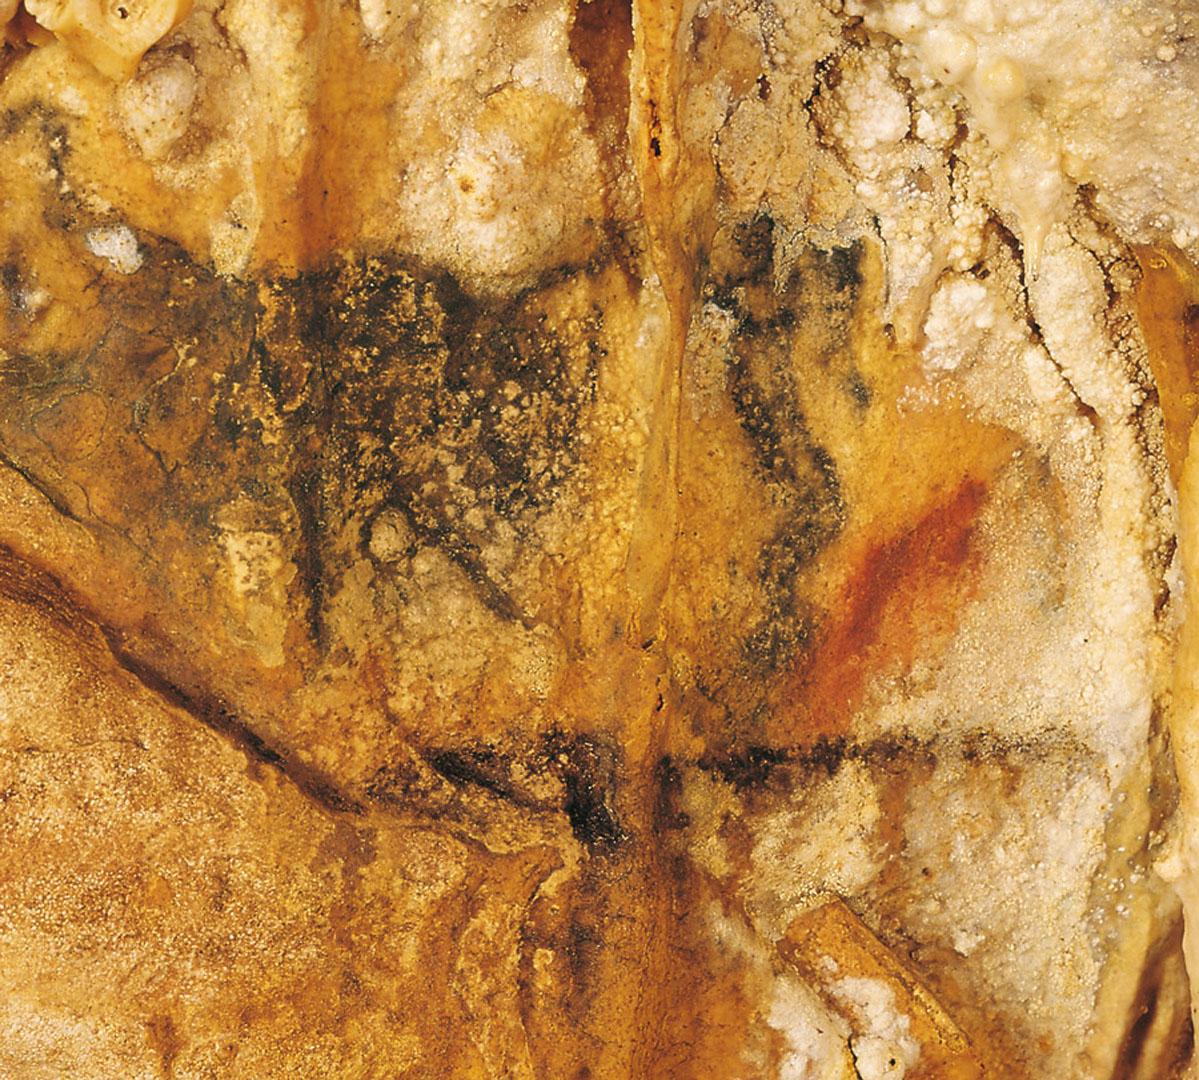 Peinture murale préhistorique - Grotte de Villars